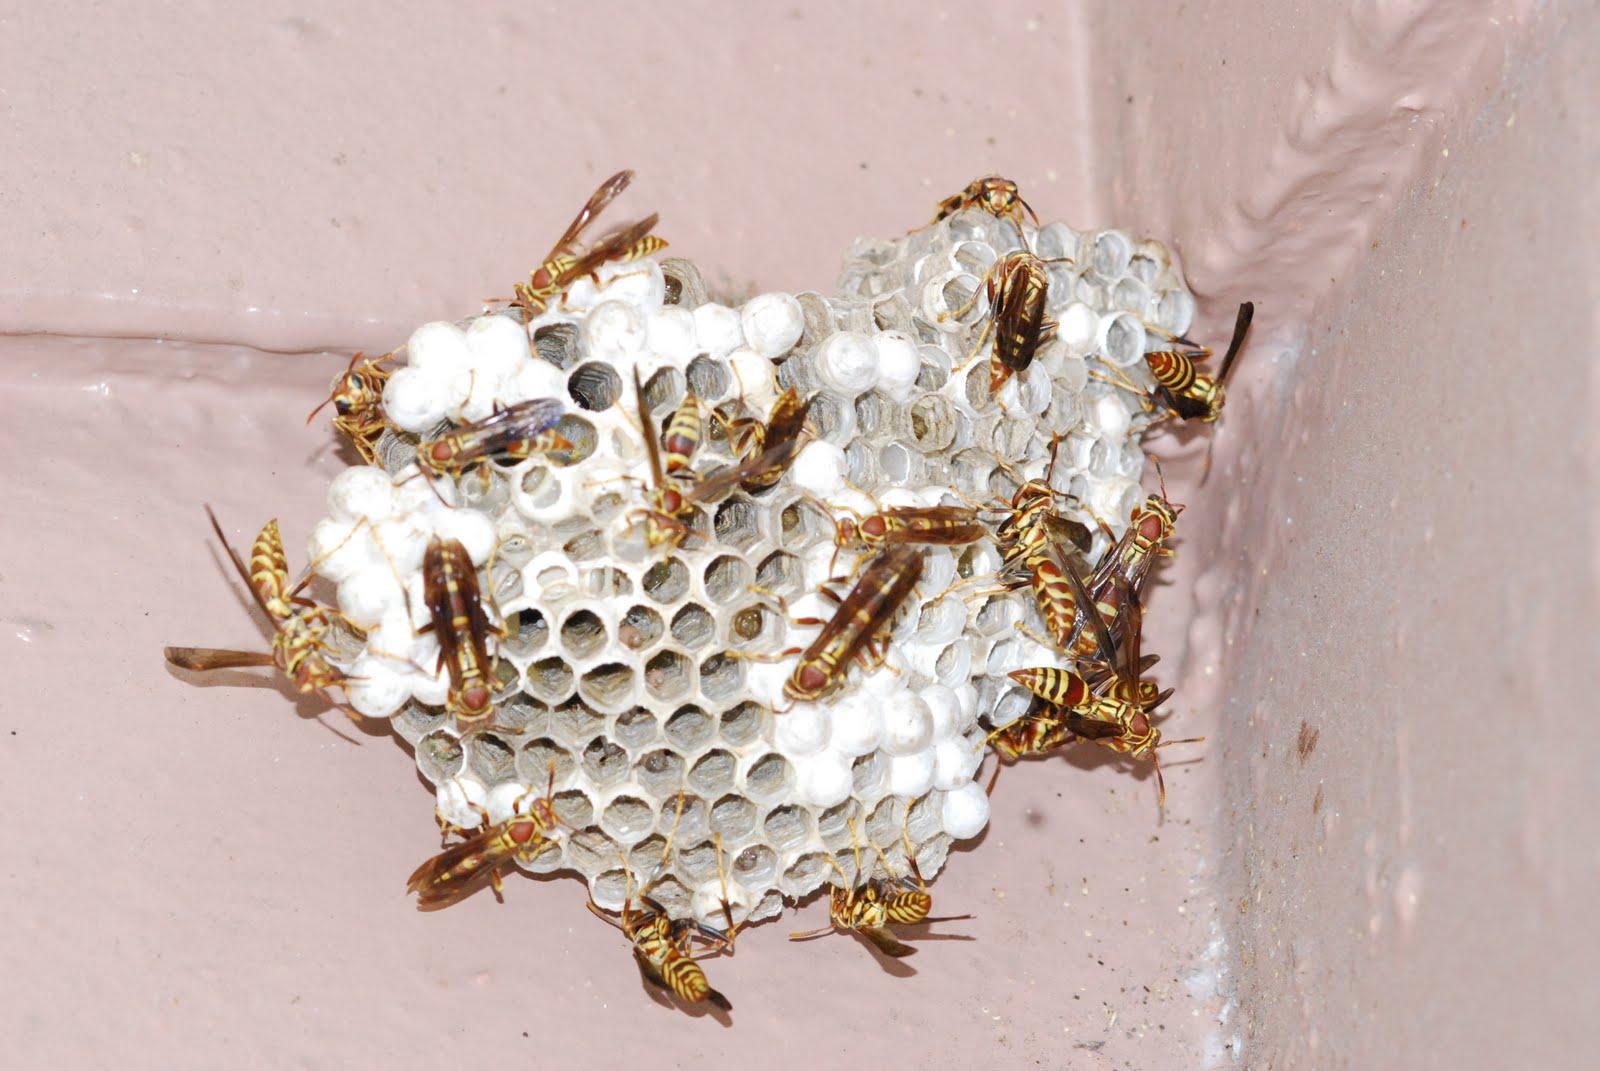 Как убрать осиное гнездо: способы и методы уничтожения улья